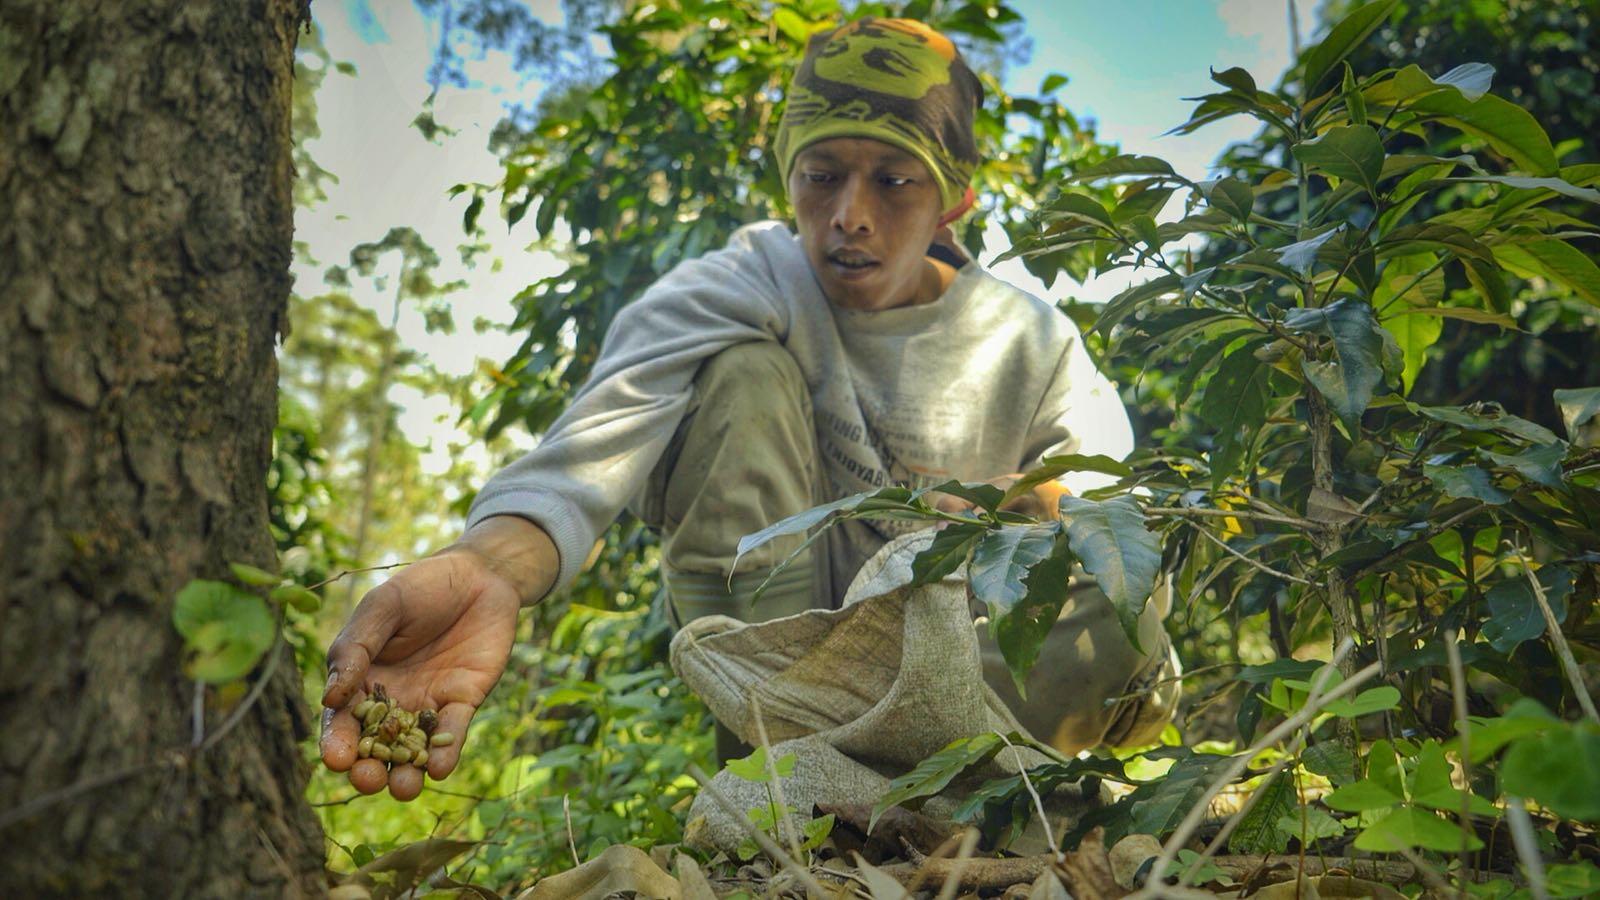 luwak hunter collecting coffee.jpeg